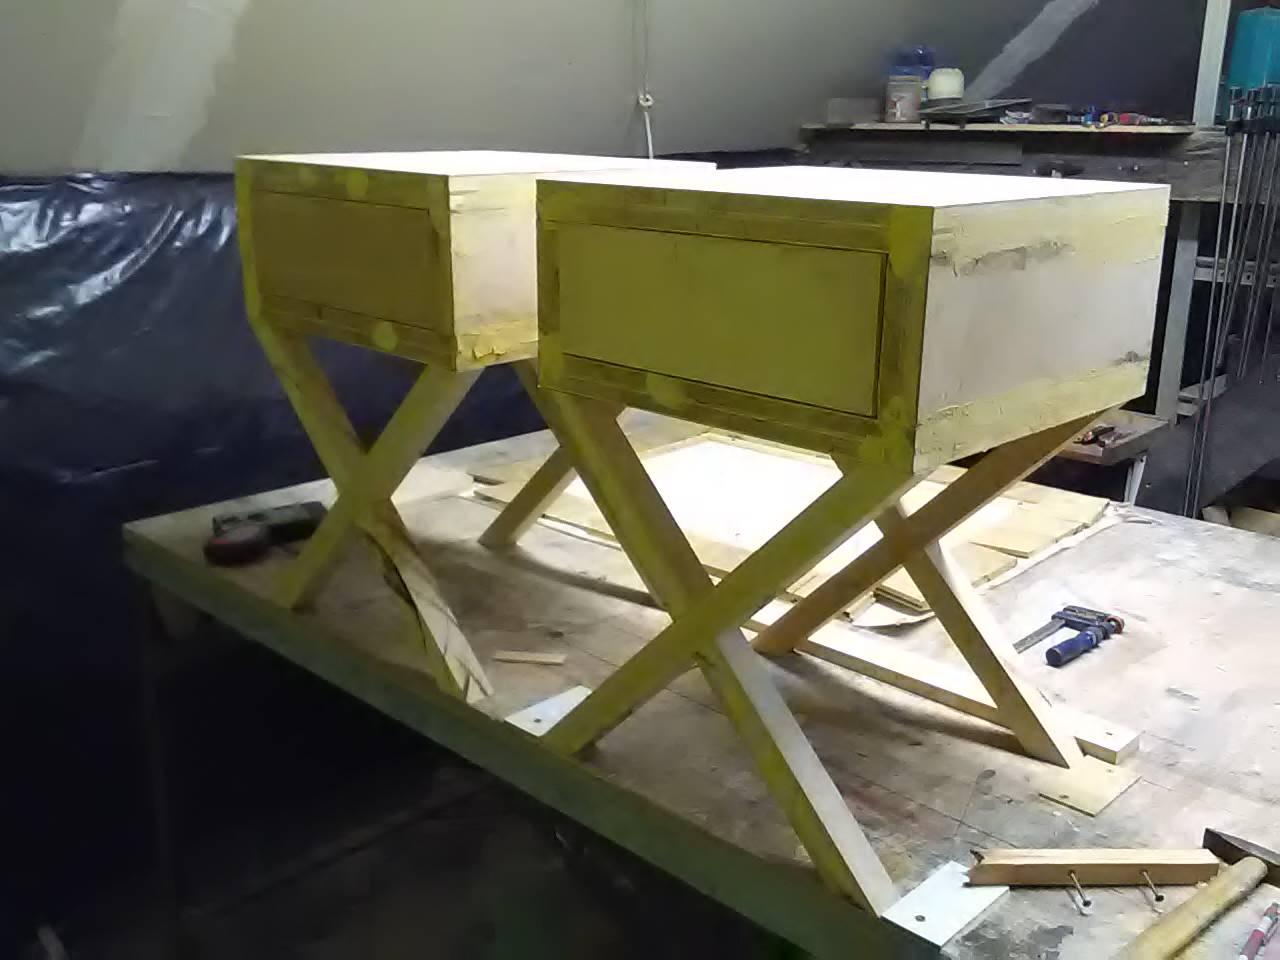 szafka nocna surowa do malowania na zamówienie wrocław śródmieście